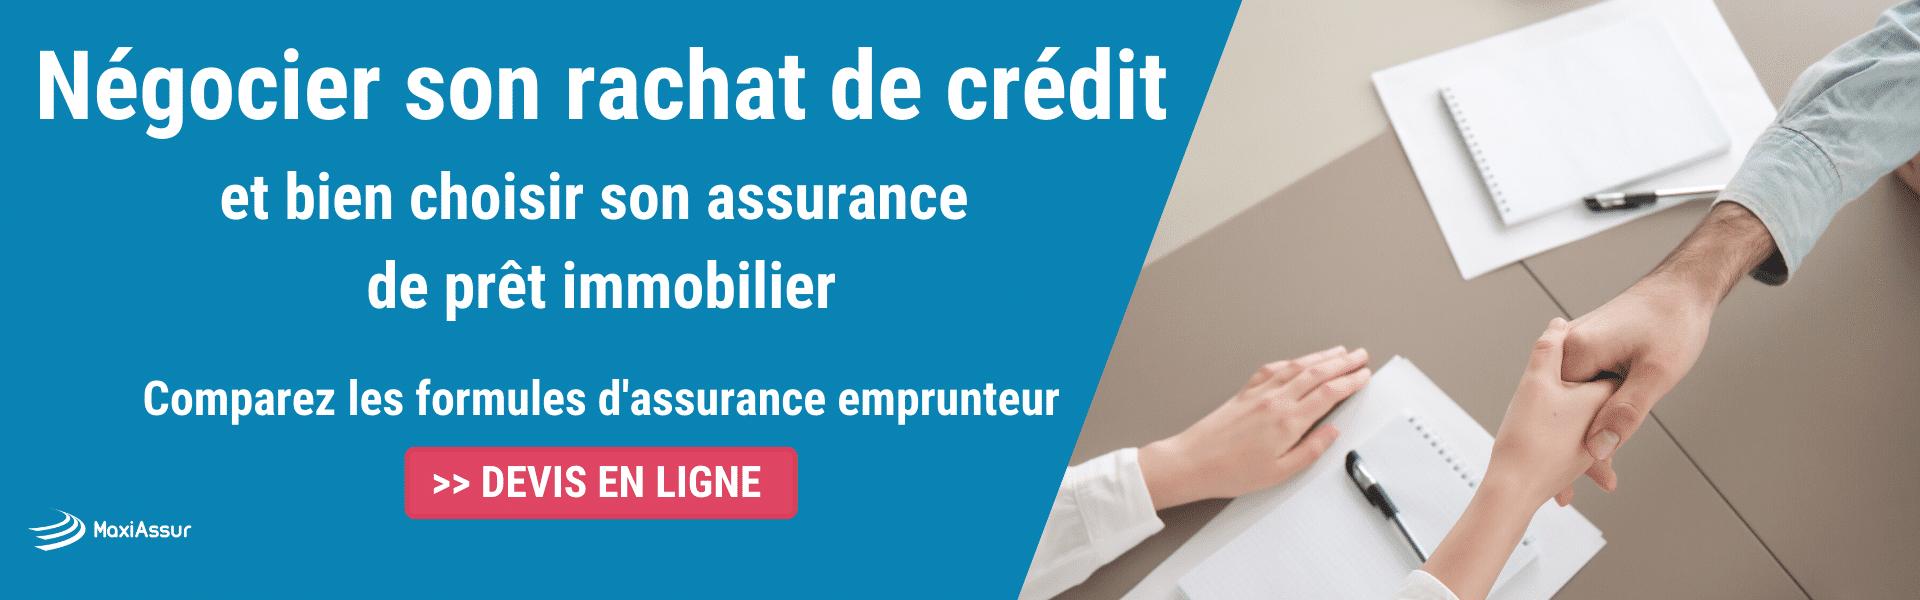 rachat de crédit assurance emprunteur